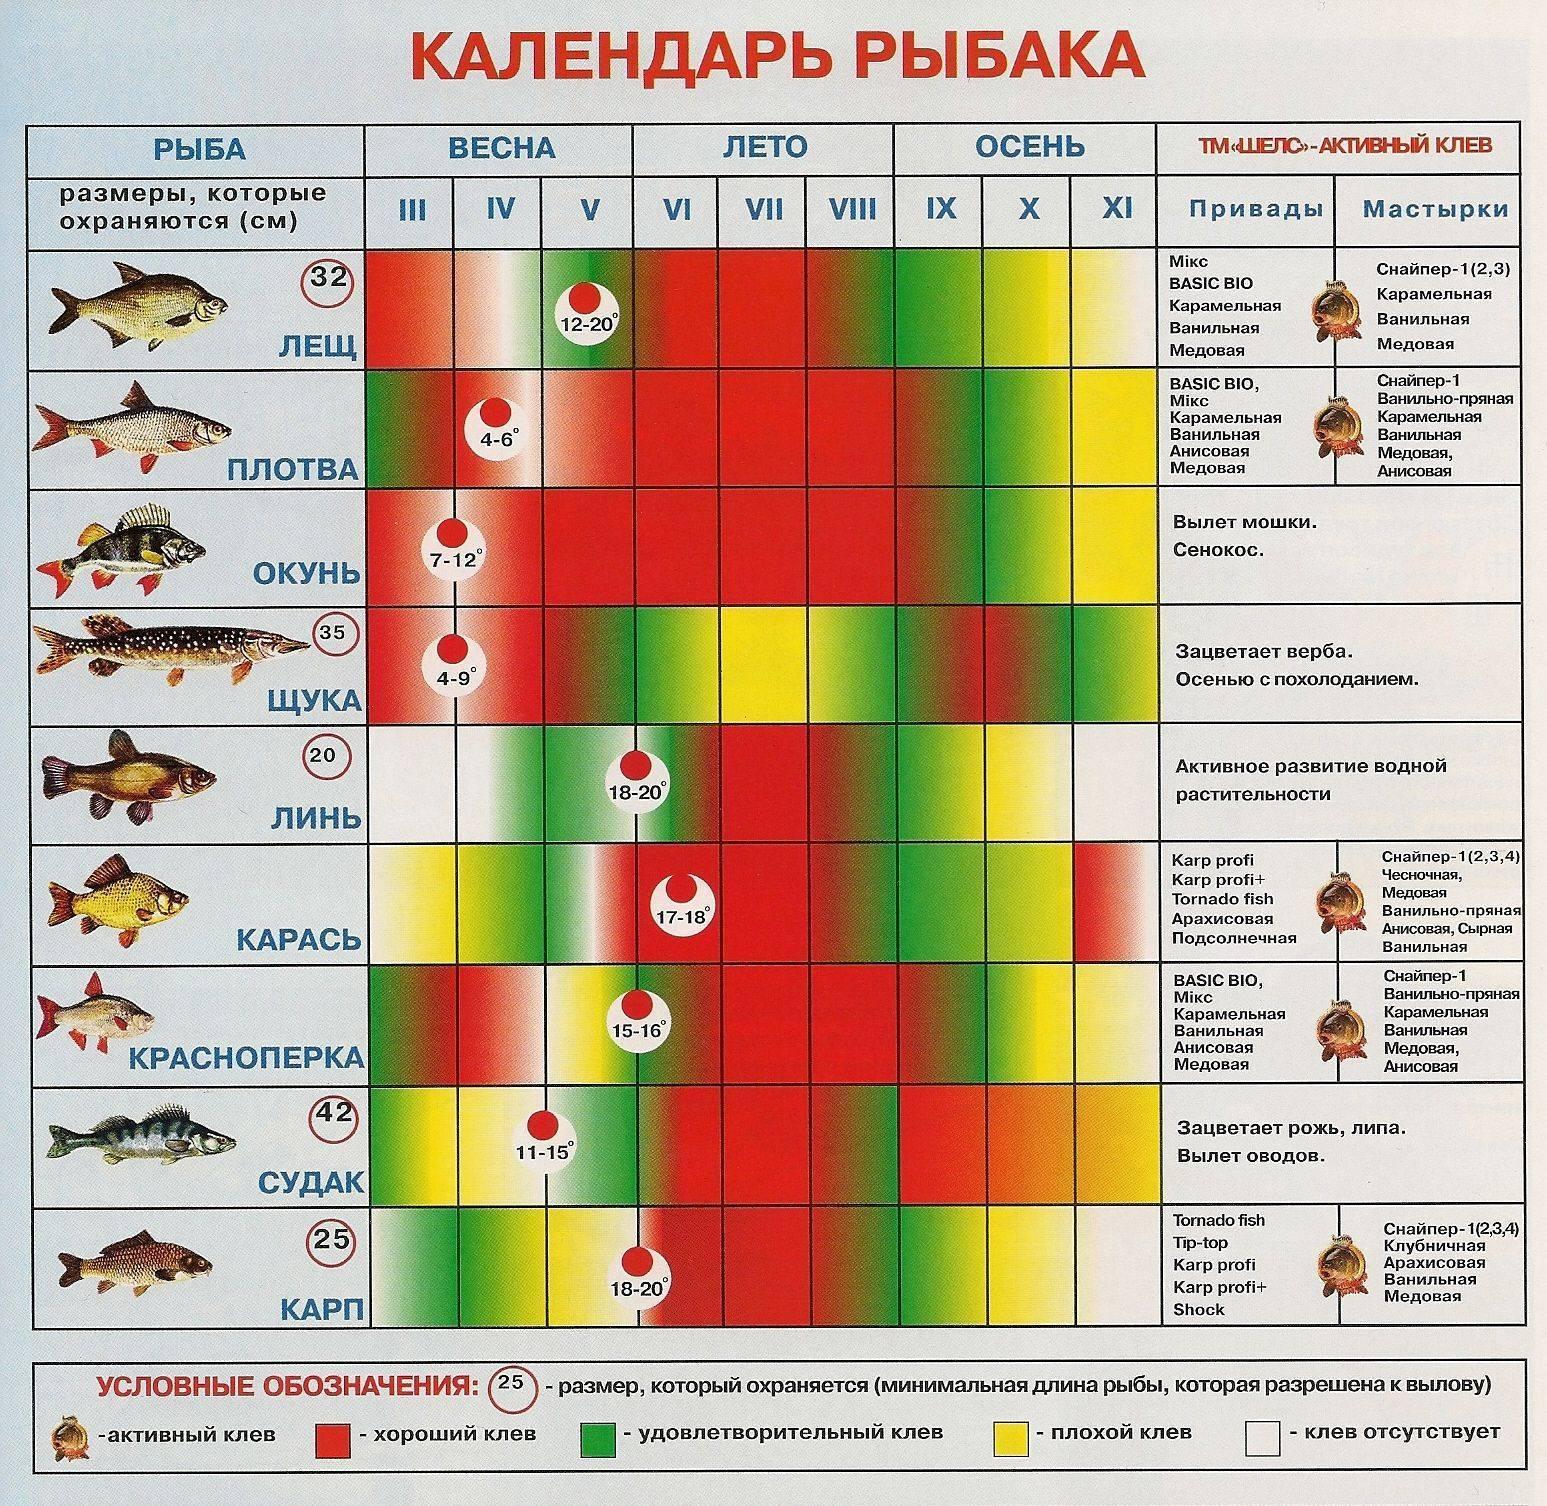 - подробный прогноз клёва и погоды в москве на 3 дня и 15 дней